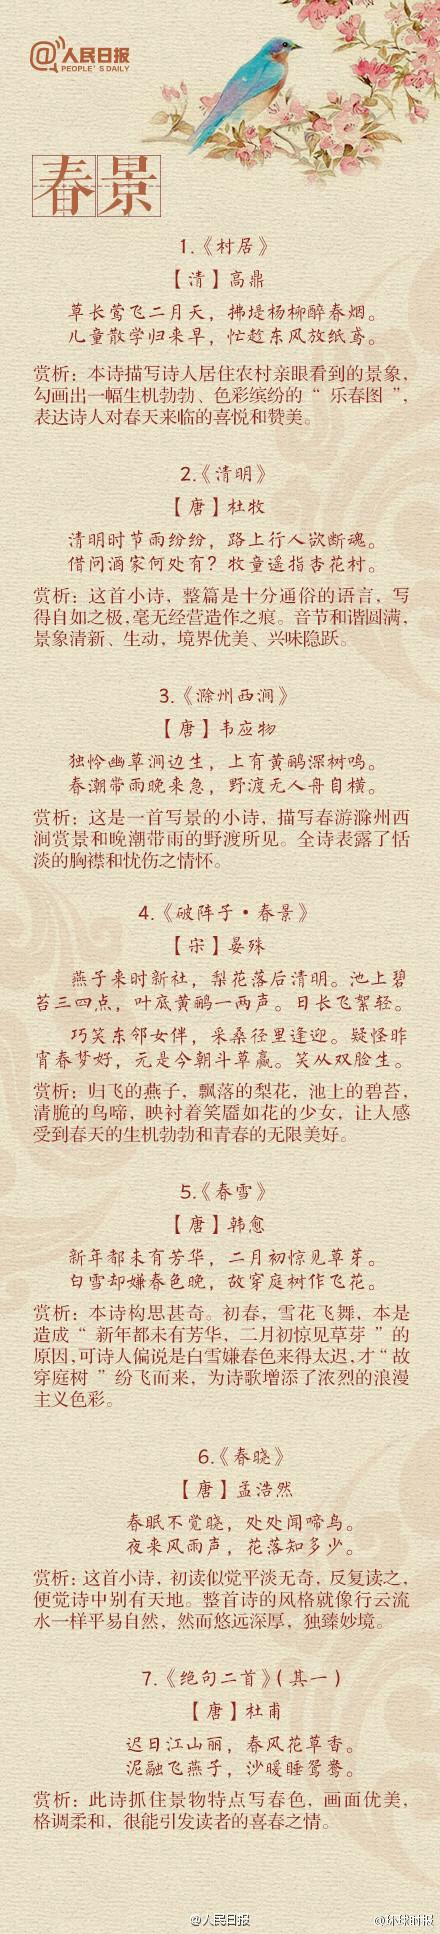 表情 春天的诗句 春日古诗大全 听春雨 赏春花 感春夜 中国传统文化社